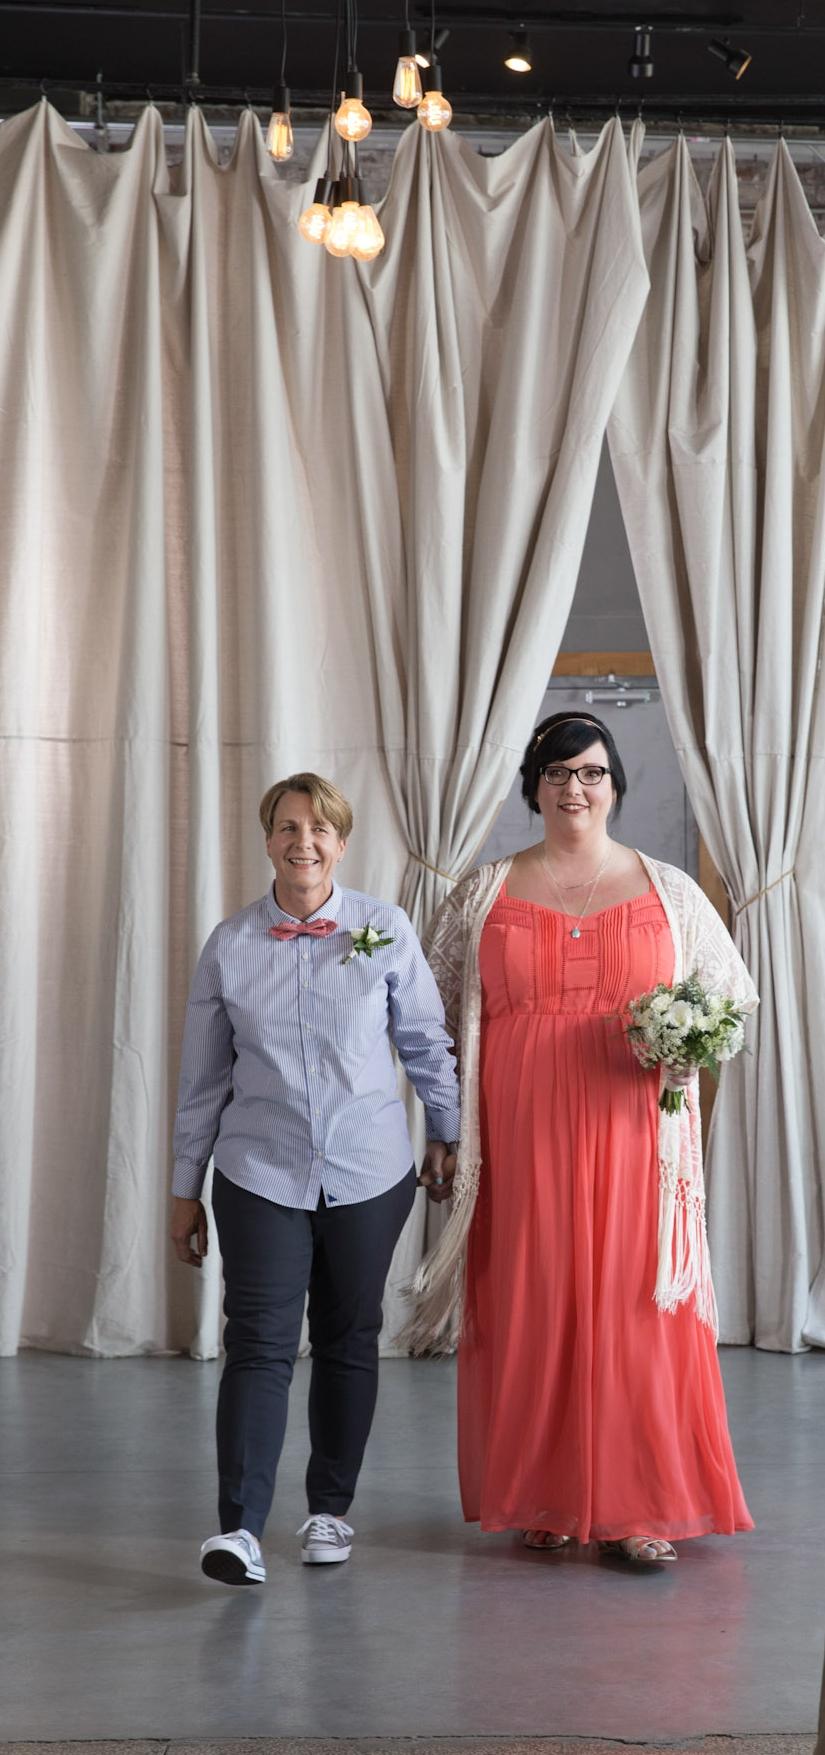 The_Vow_Exchange_Kansas_City_Small_Budget_Wedding_Venue_KM4A8152E&U.JPG